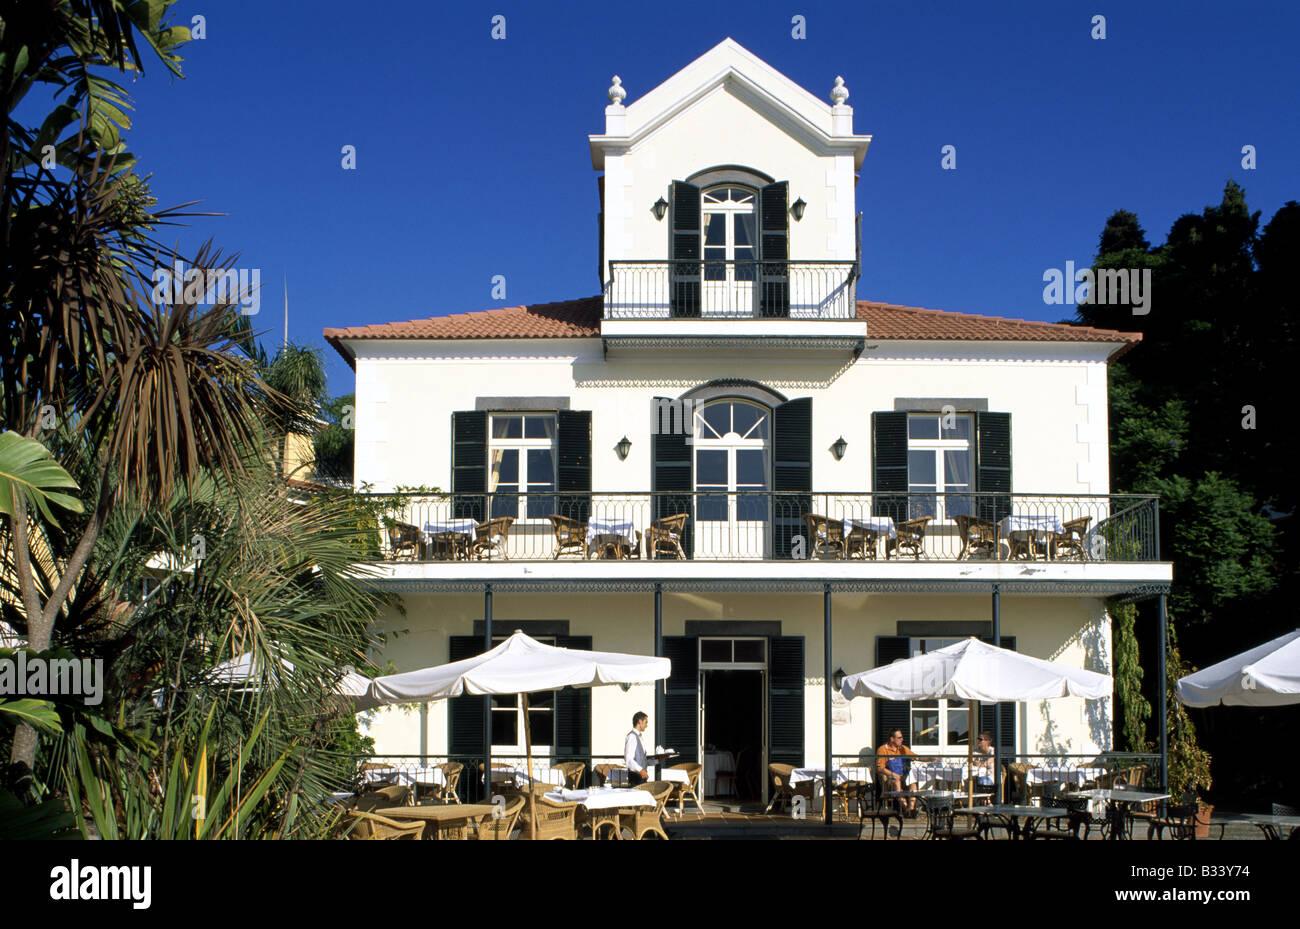 À proximité de l'hôtel Quinta do Estreito Camara de Lobos sur l'île de Madère Banque D'Images